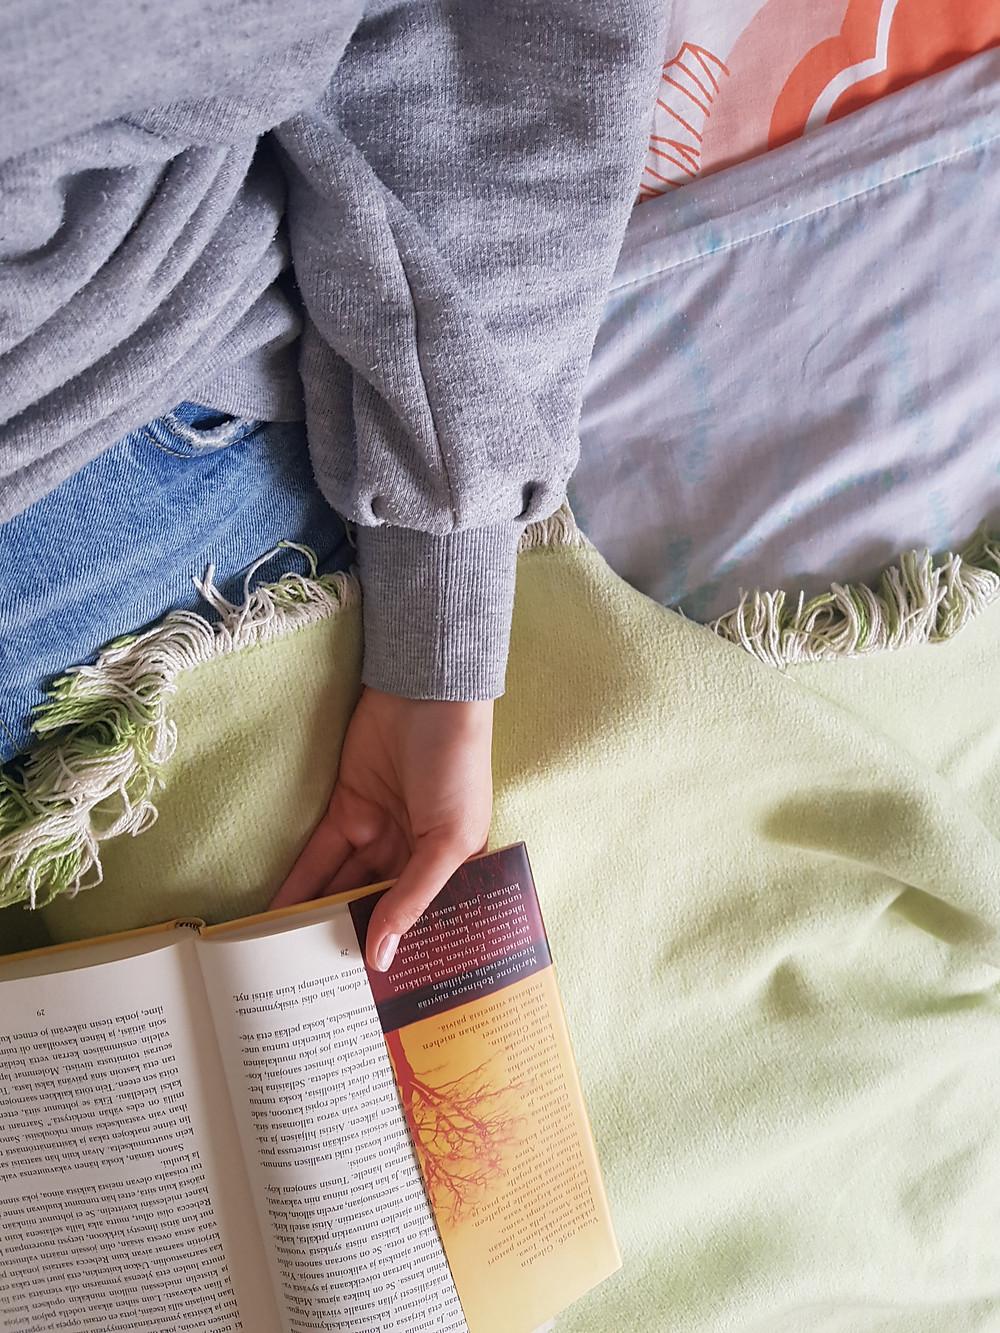 Ylhäältäpäin otettu kuva kädestäni ja kirjasta, jota luen (Marilynne Robinsonin Gilead). Minulla on päällä harmaa kollari ja farkut ja olen peittäytynyt vihreään vilttiin. Punakuvioinen retrotyynynpäällinen näkyy kuvan nurkassa.